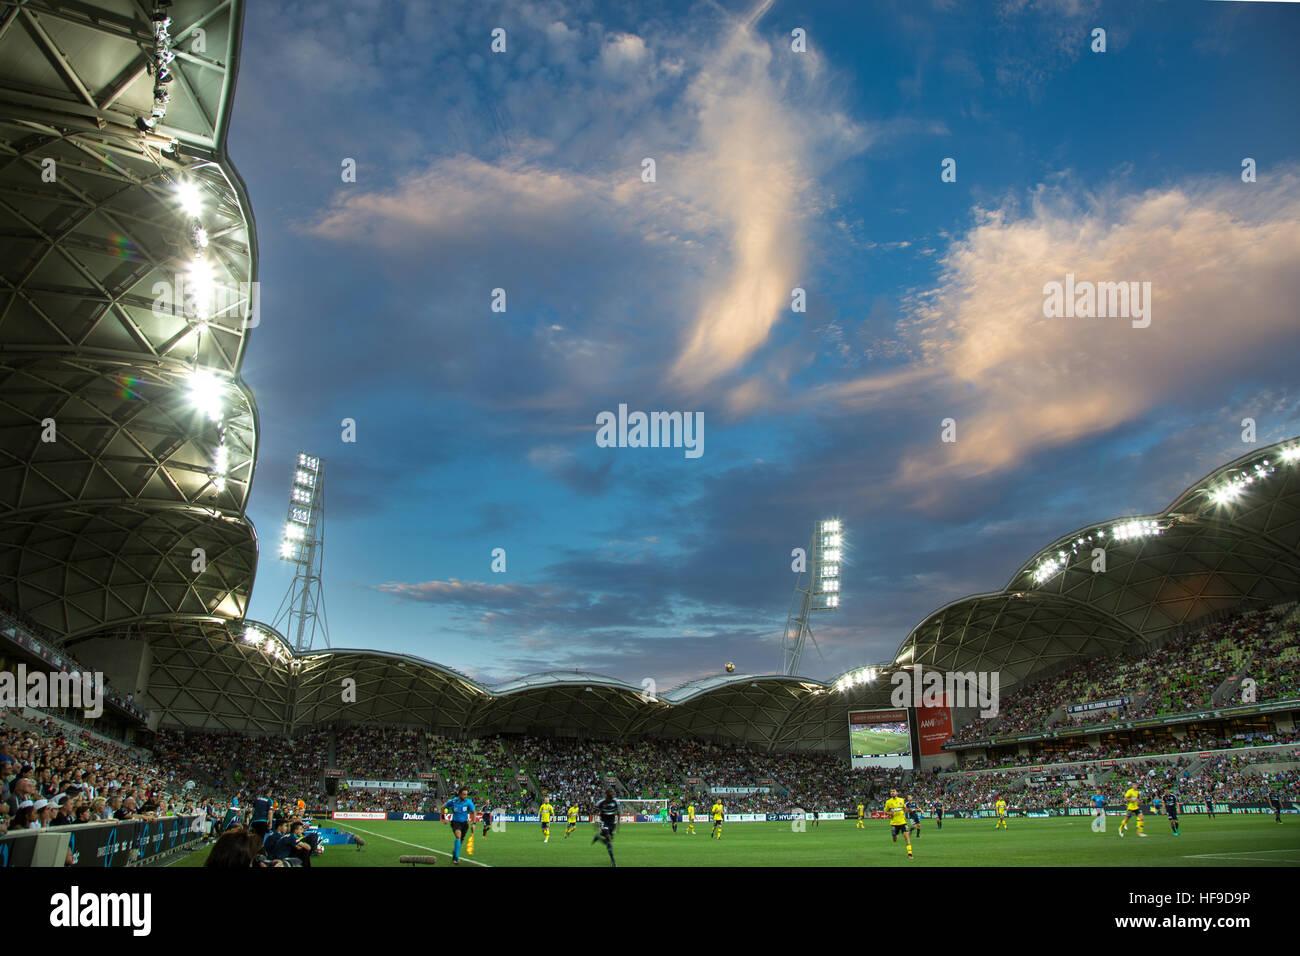 MELBOURNE, AUSTRALIE - 28 DÉCEMBRE: Hyundai A-League, Round 12. Melbourne Victory vs Central Coast Mariners. Photo Stock